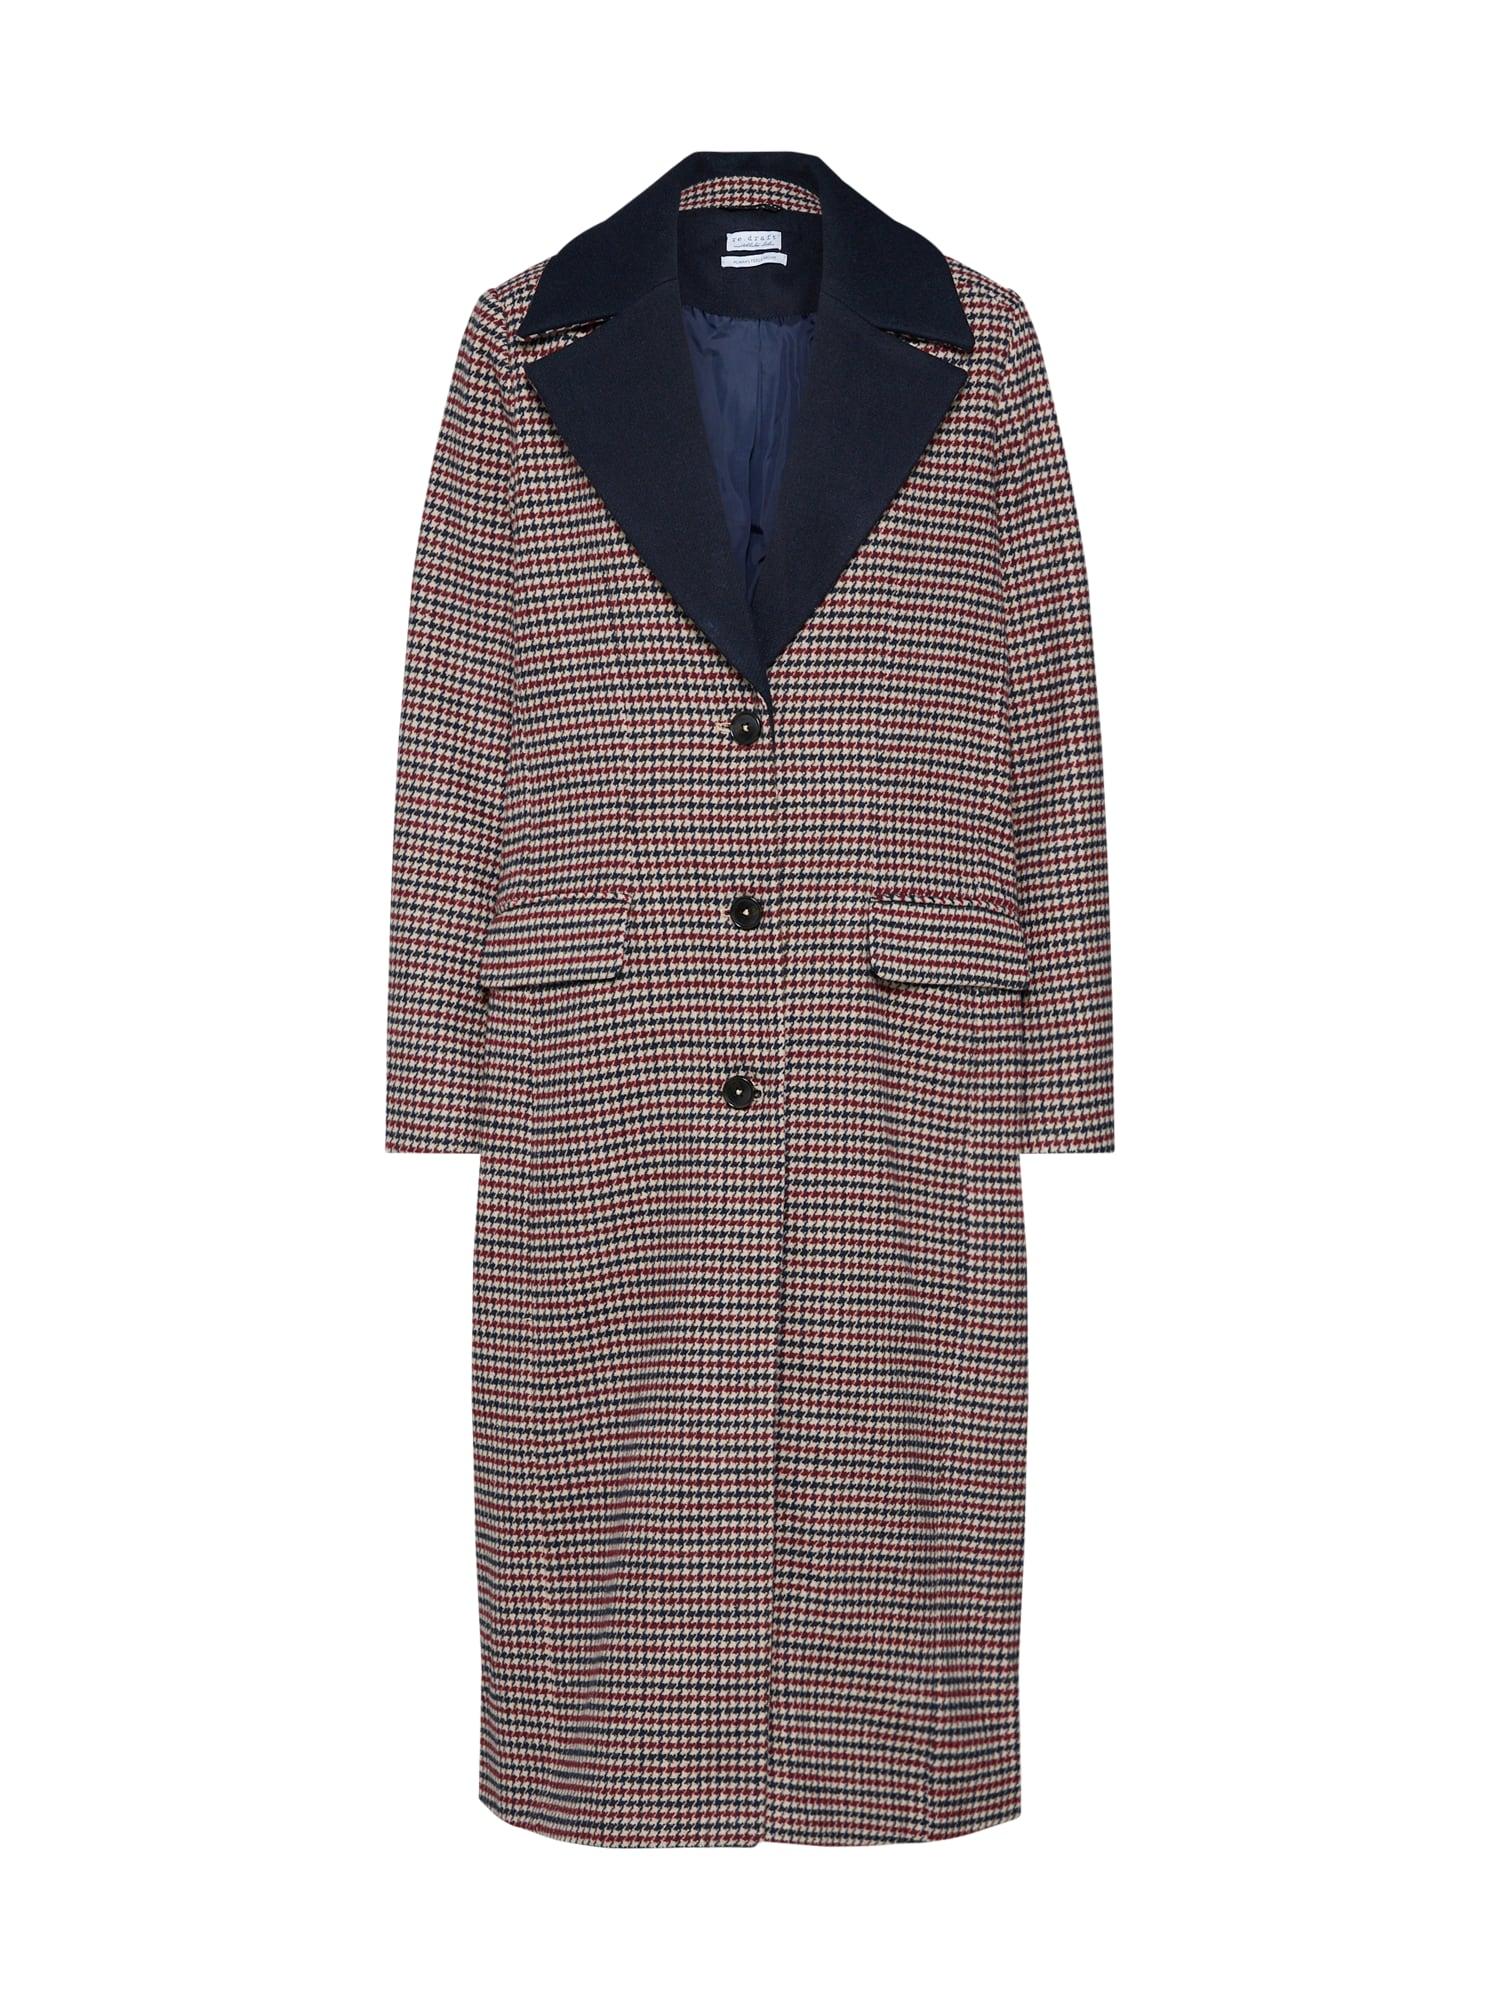 Přechodný kabát Houndstooth Coat champagne námořnická modř červená Re.draft